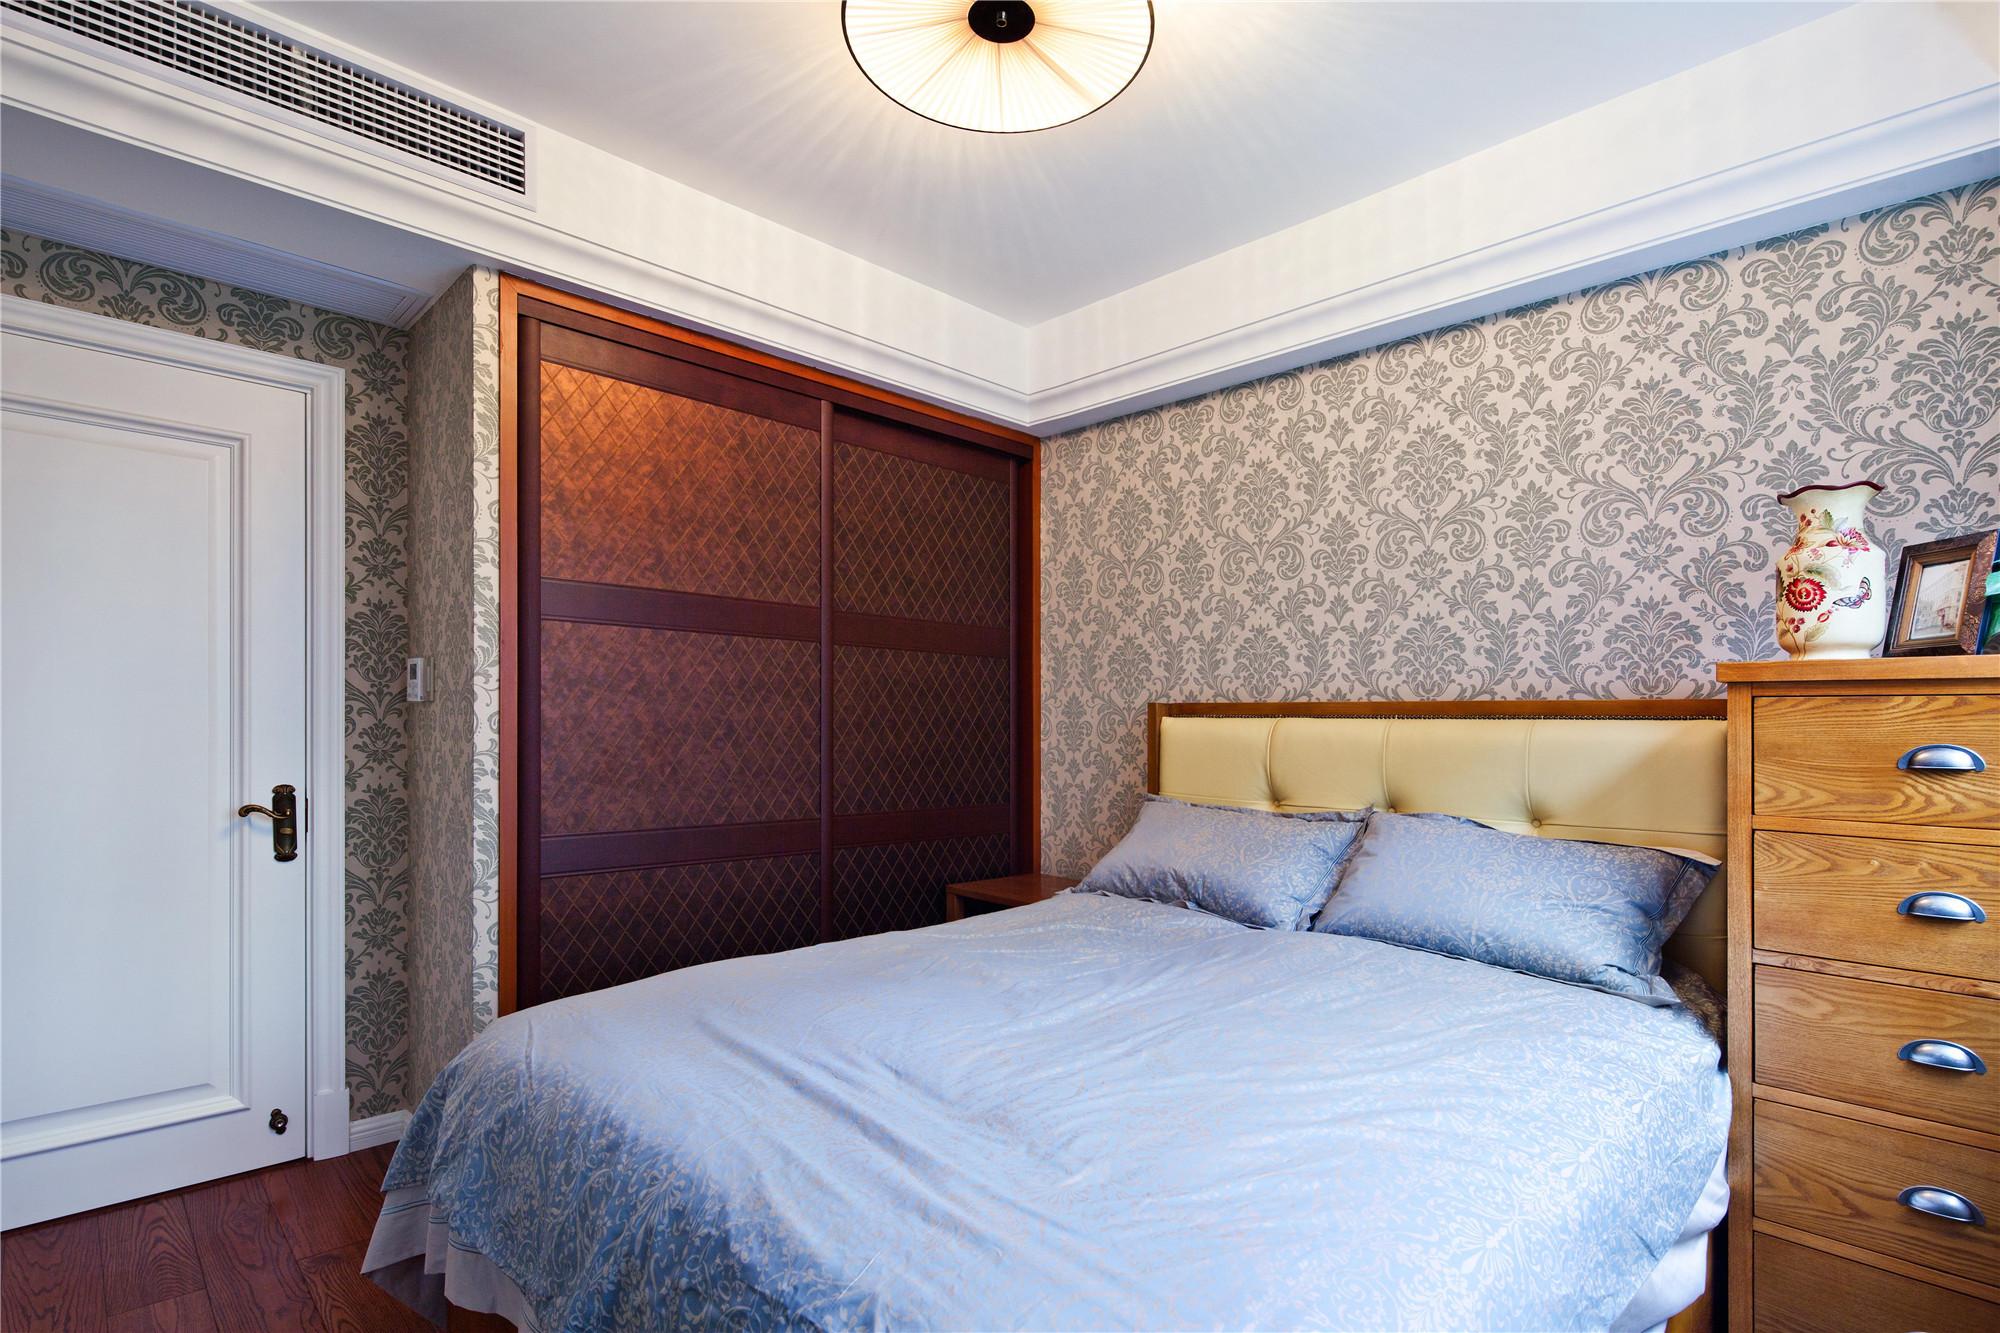 欧式风格卧室2014年别墅古典中式庭院灯装修图片